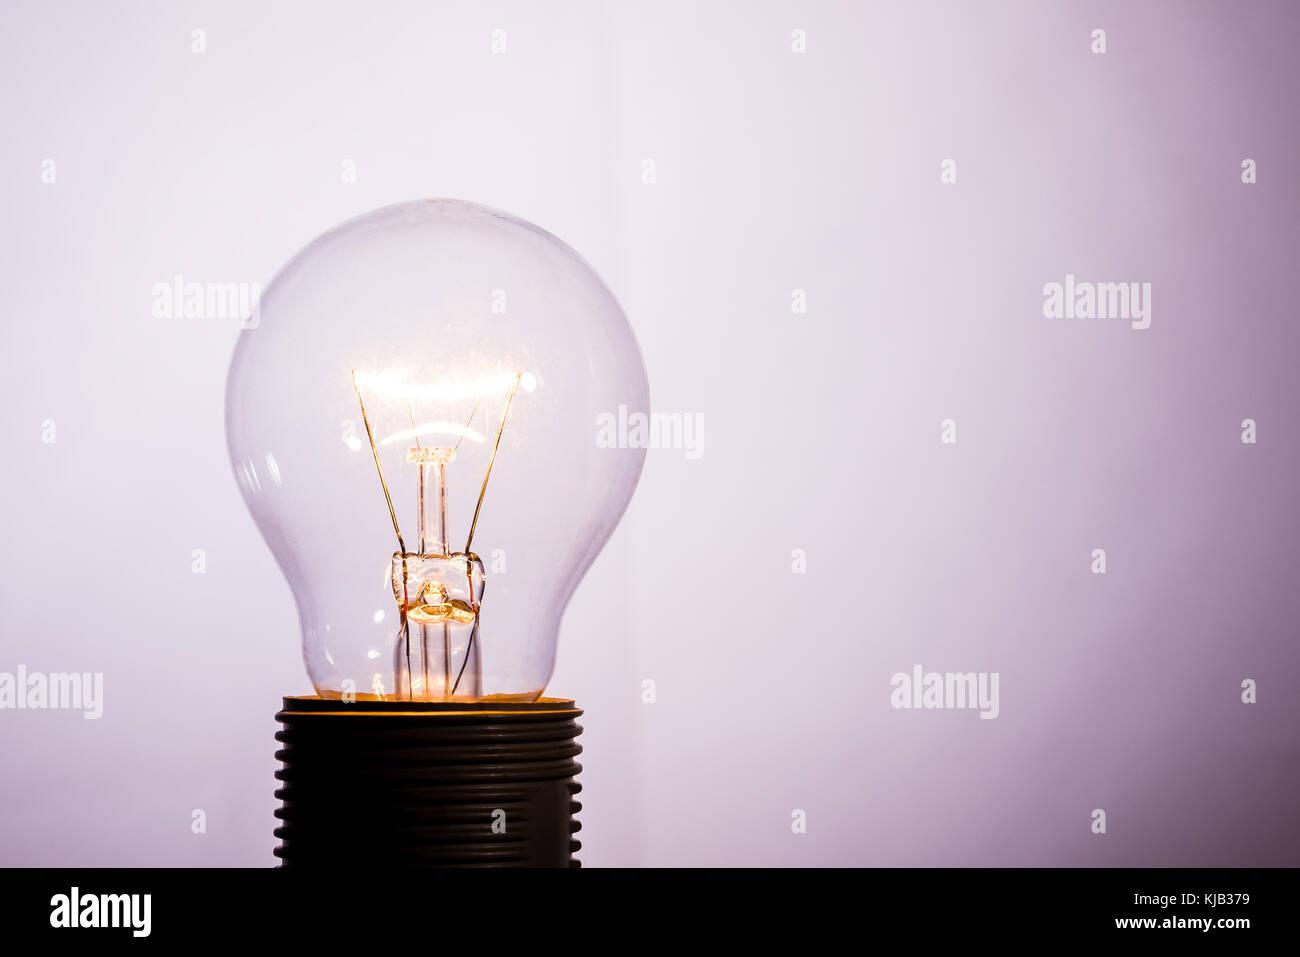 Horizontale Foto Mit Einem Glas Lampe Die Lampe Eingeschaltet Ist